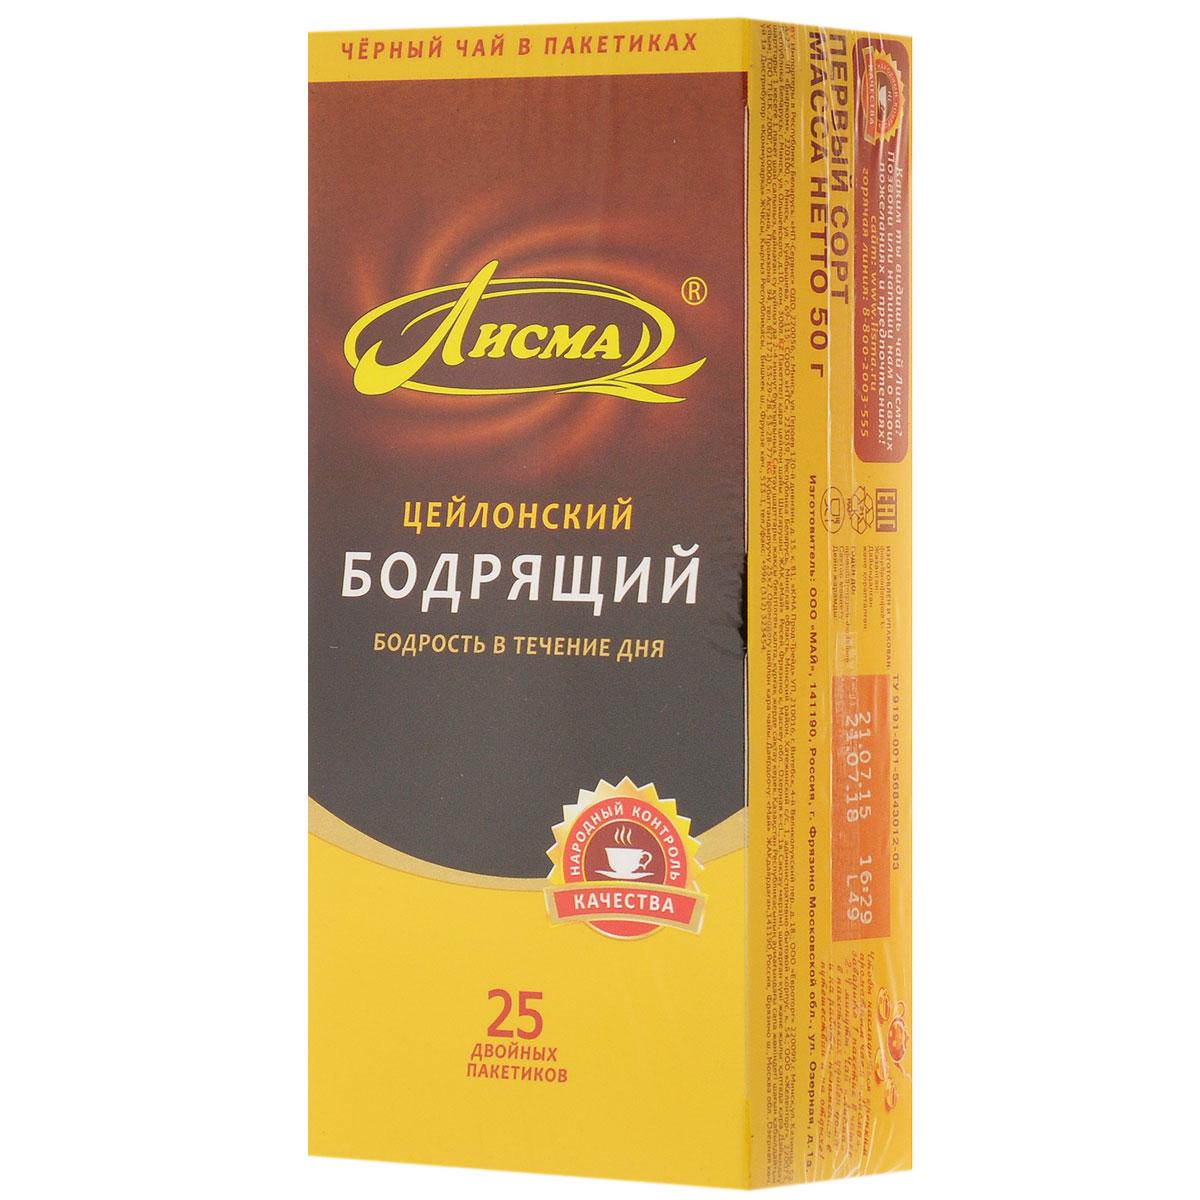 Лисма Бодрящий черный чай в пакетиках, 25 шт202424Лисма Бодрящий - индийский черный байховый чай в пакетиках. Коробка содержит 25 пакетиков по 2 грамма.